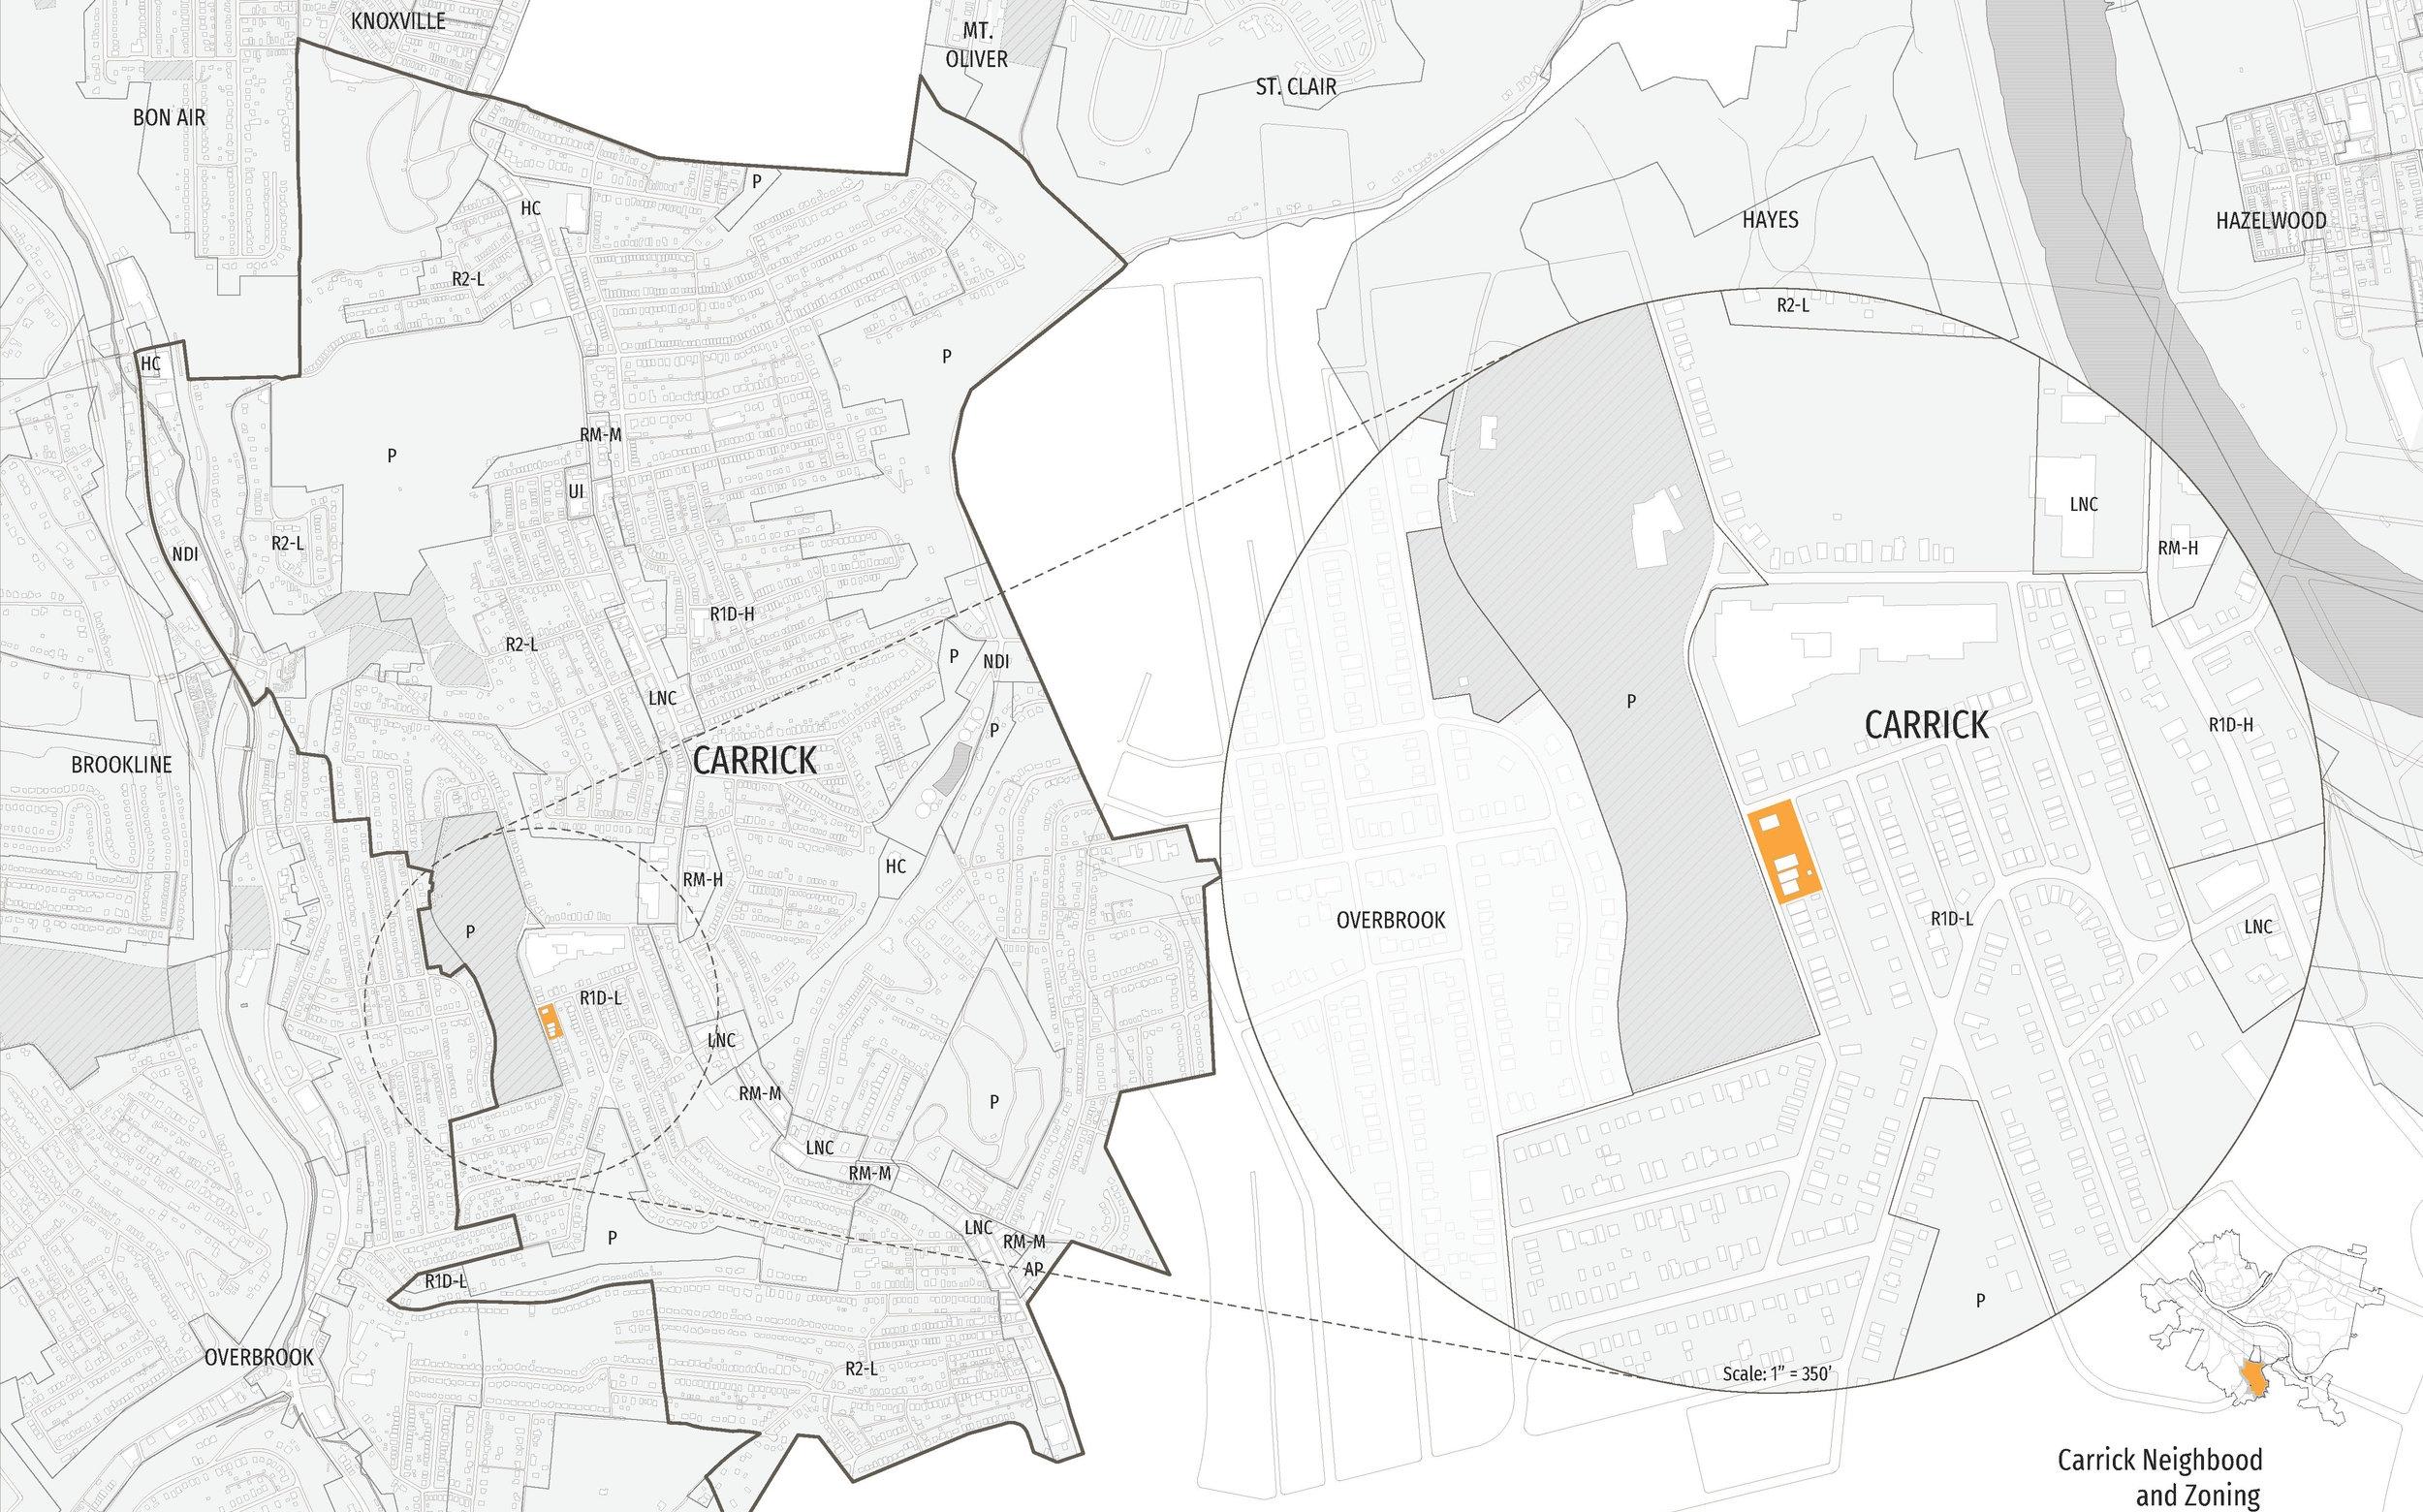 Neighborhoood Context and zoning